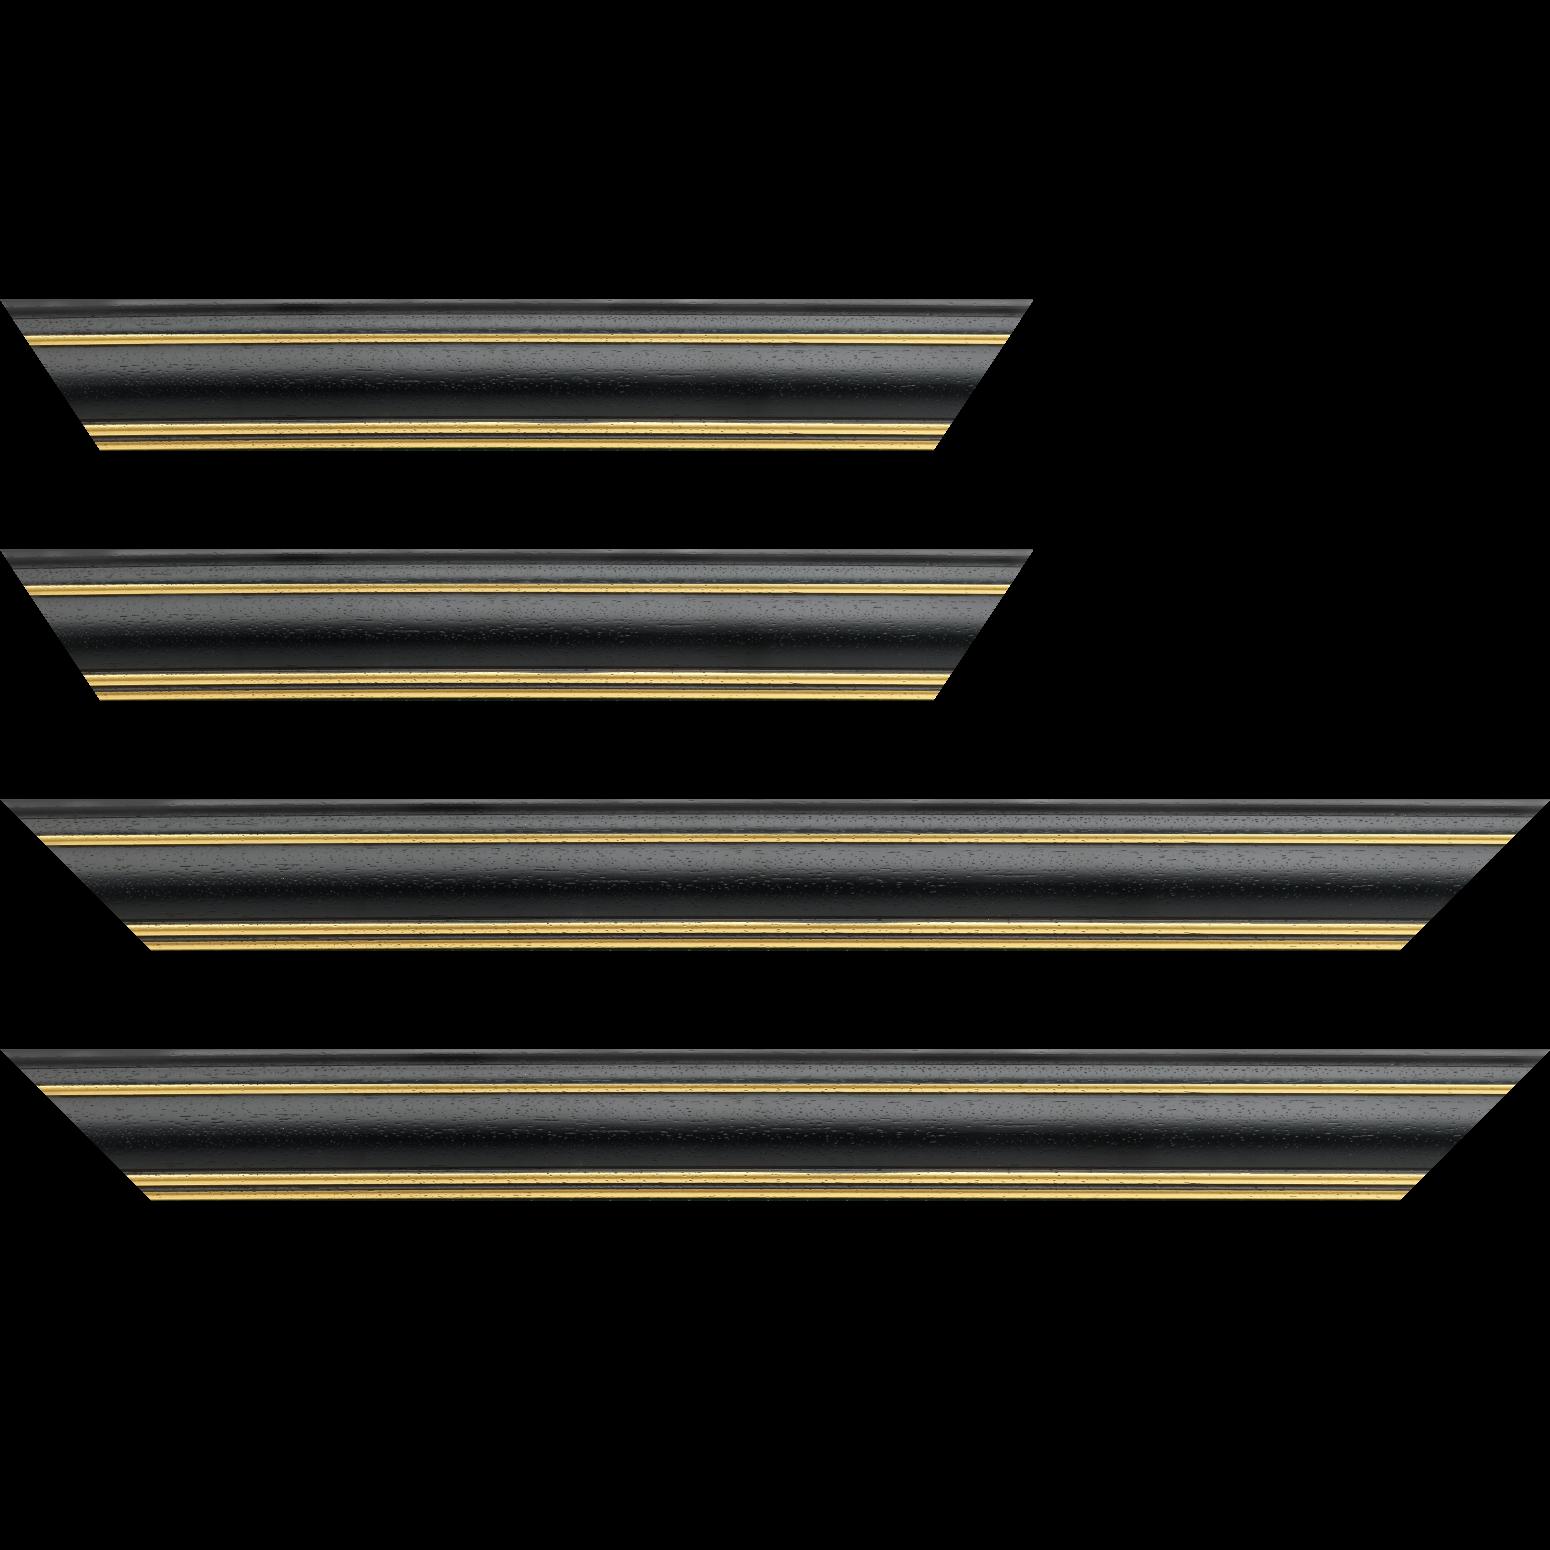 Baguette service précoupé bois profil bombé largeur 5cm couleur noir satiné filet or